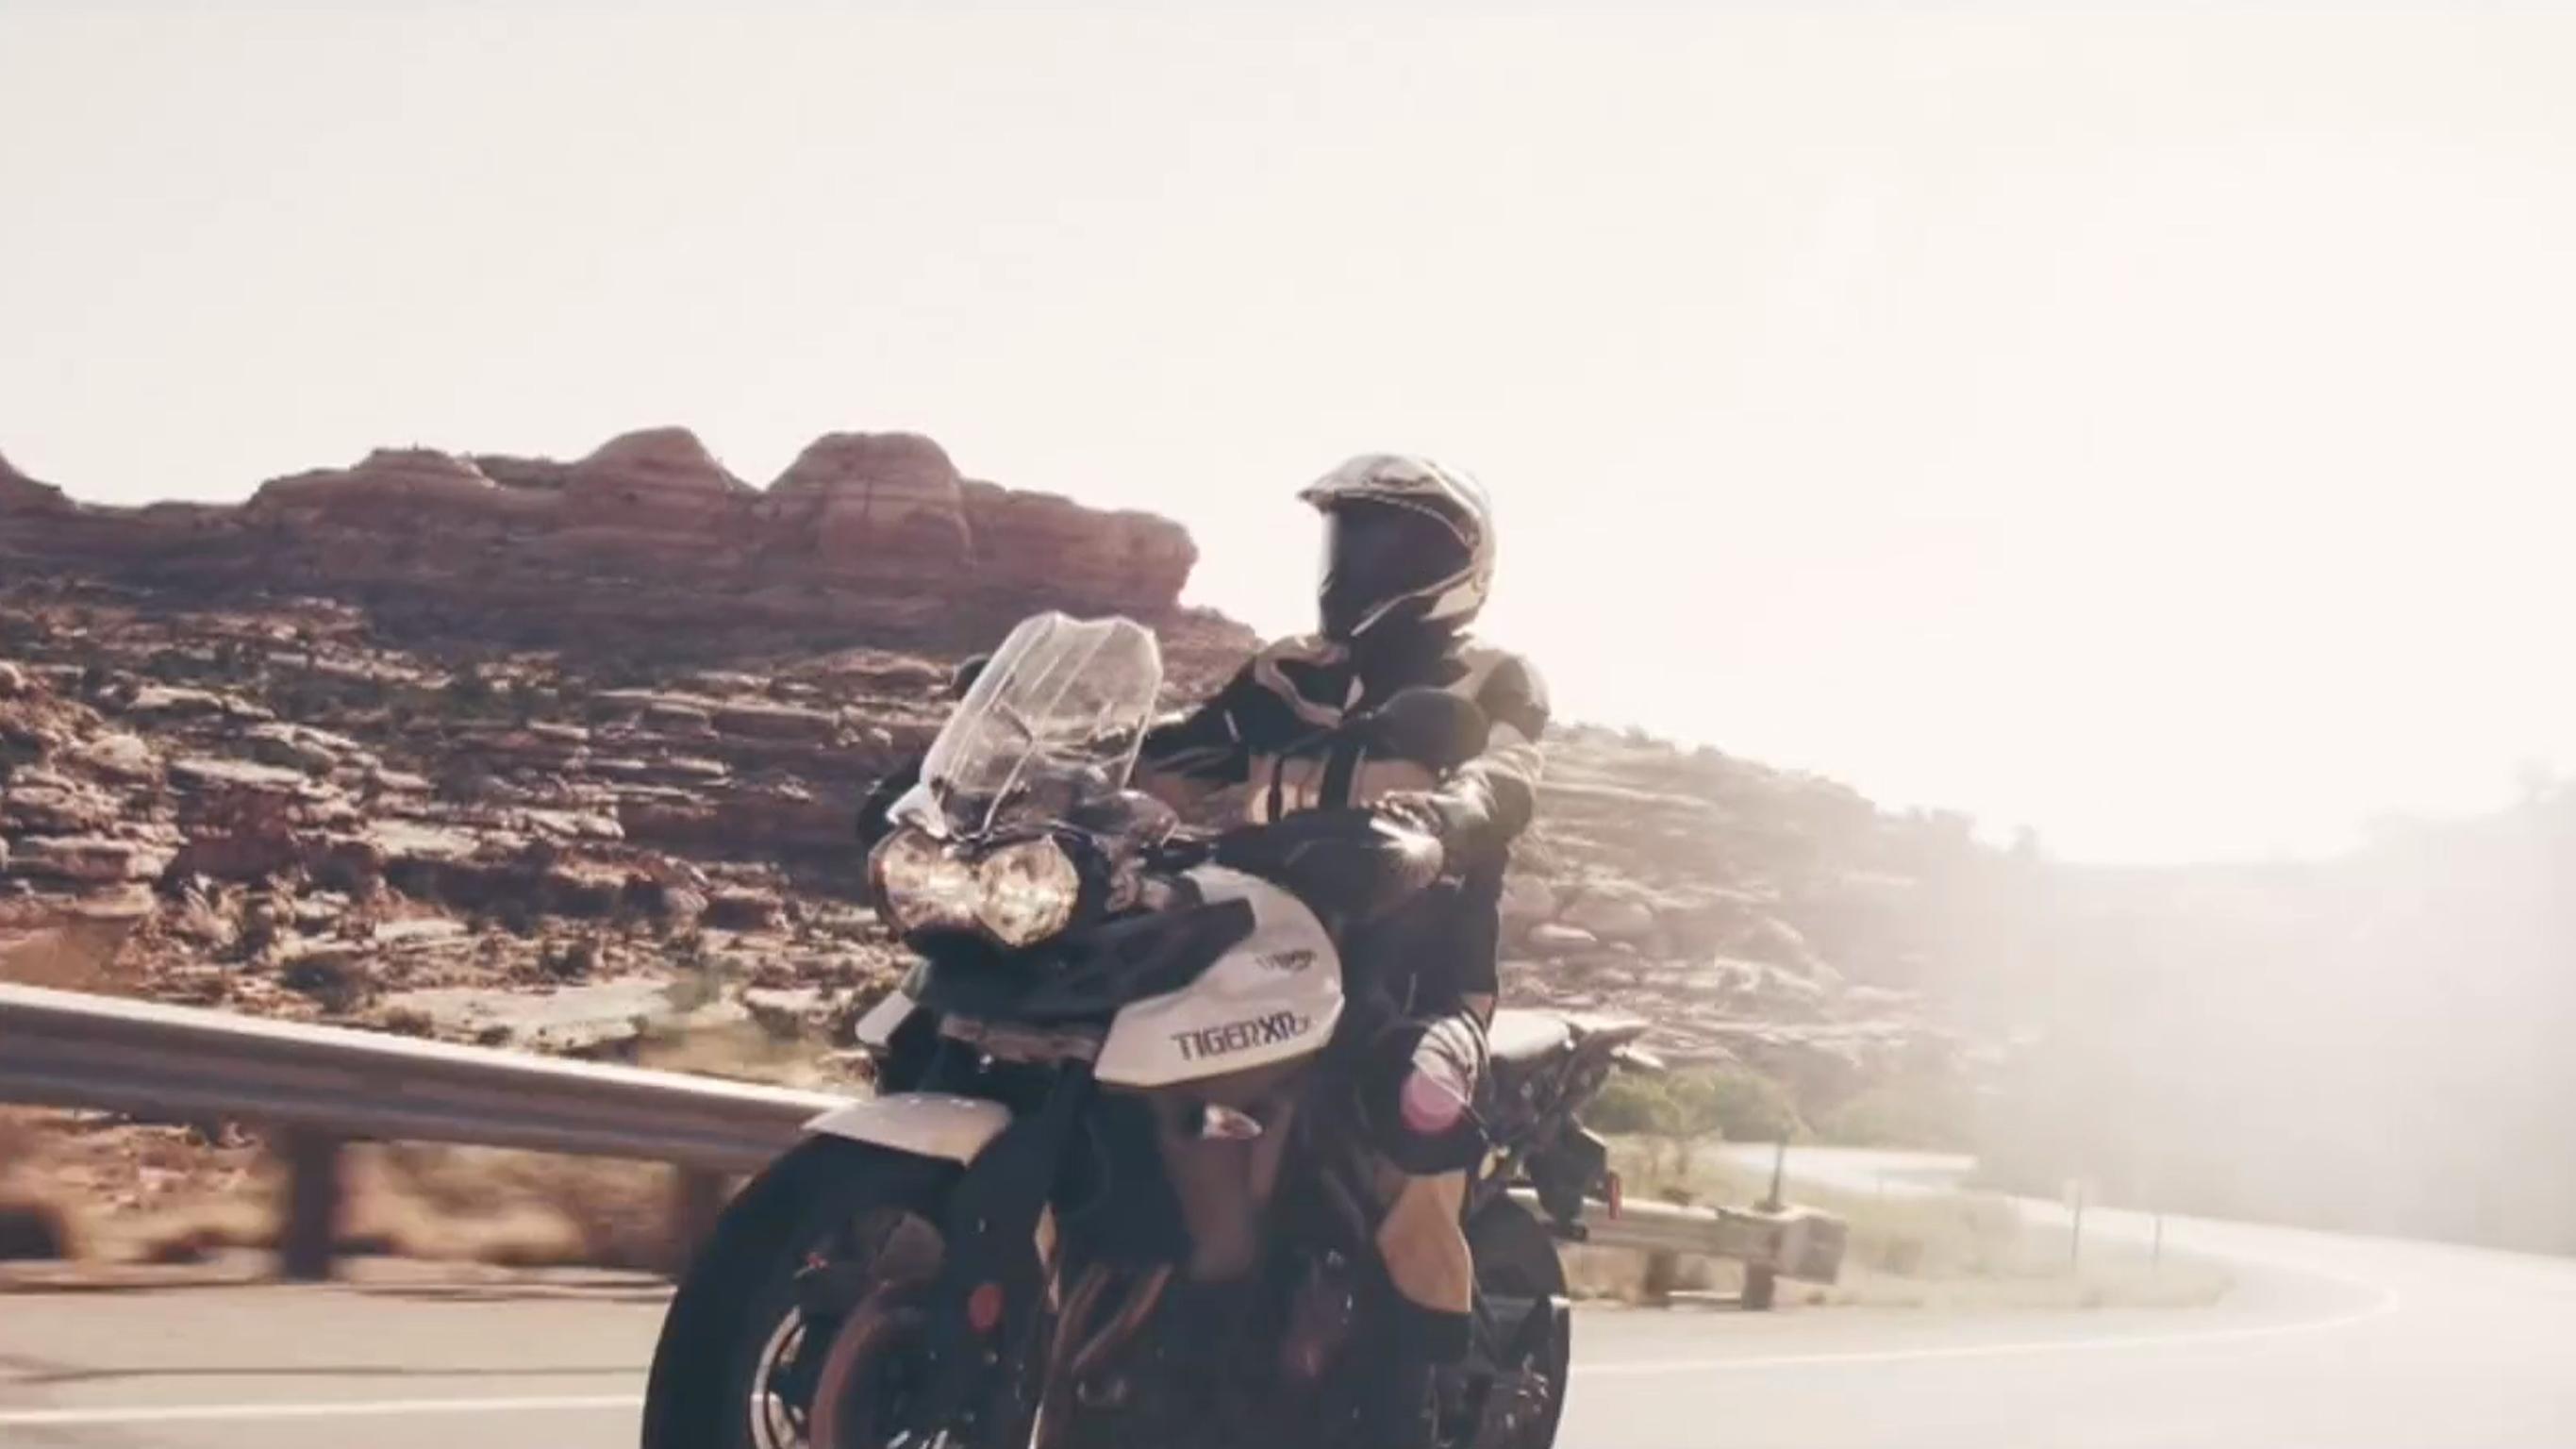 Temporada 2016 Programa 233 - Tu moto Triumph, el desierto y tú